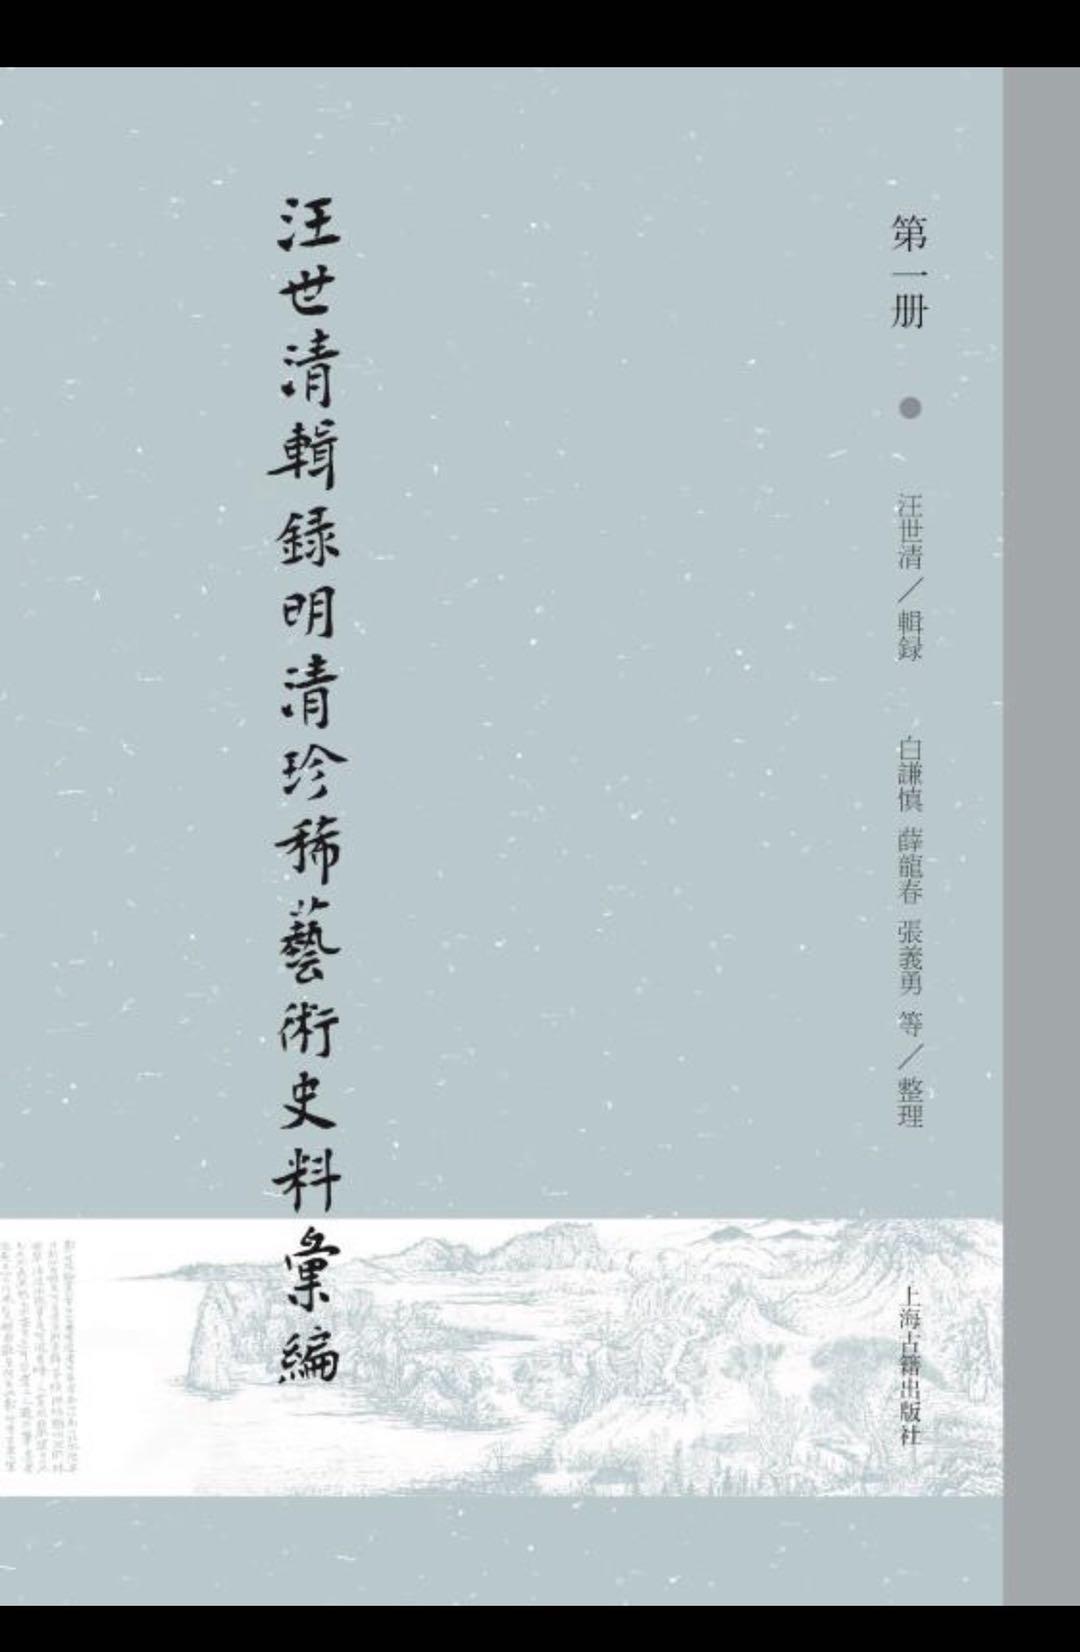 《汪世清辑录明清珍稀艺术史料汇编》上海古籍出版社2020年9月出版